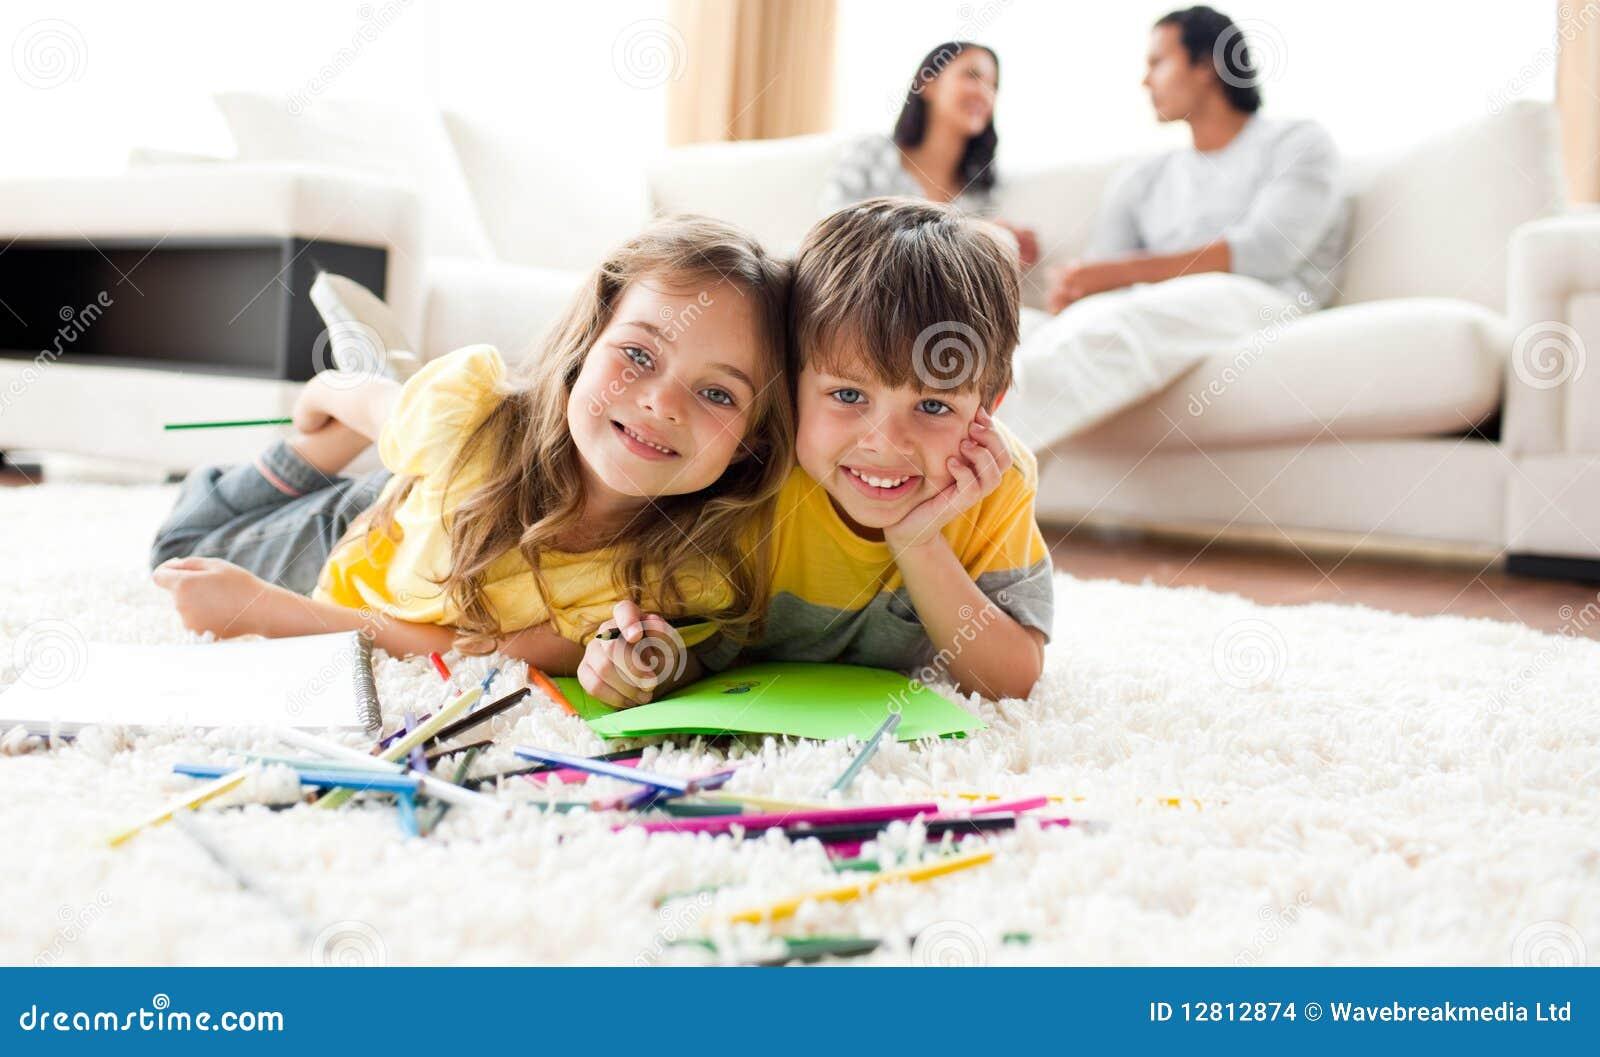 Desenho do irmão e da irmã que encontra-se no assoalho